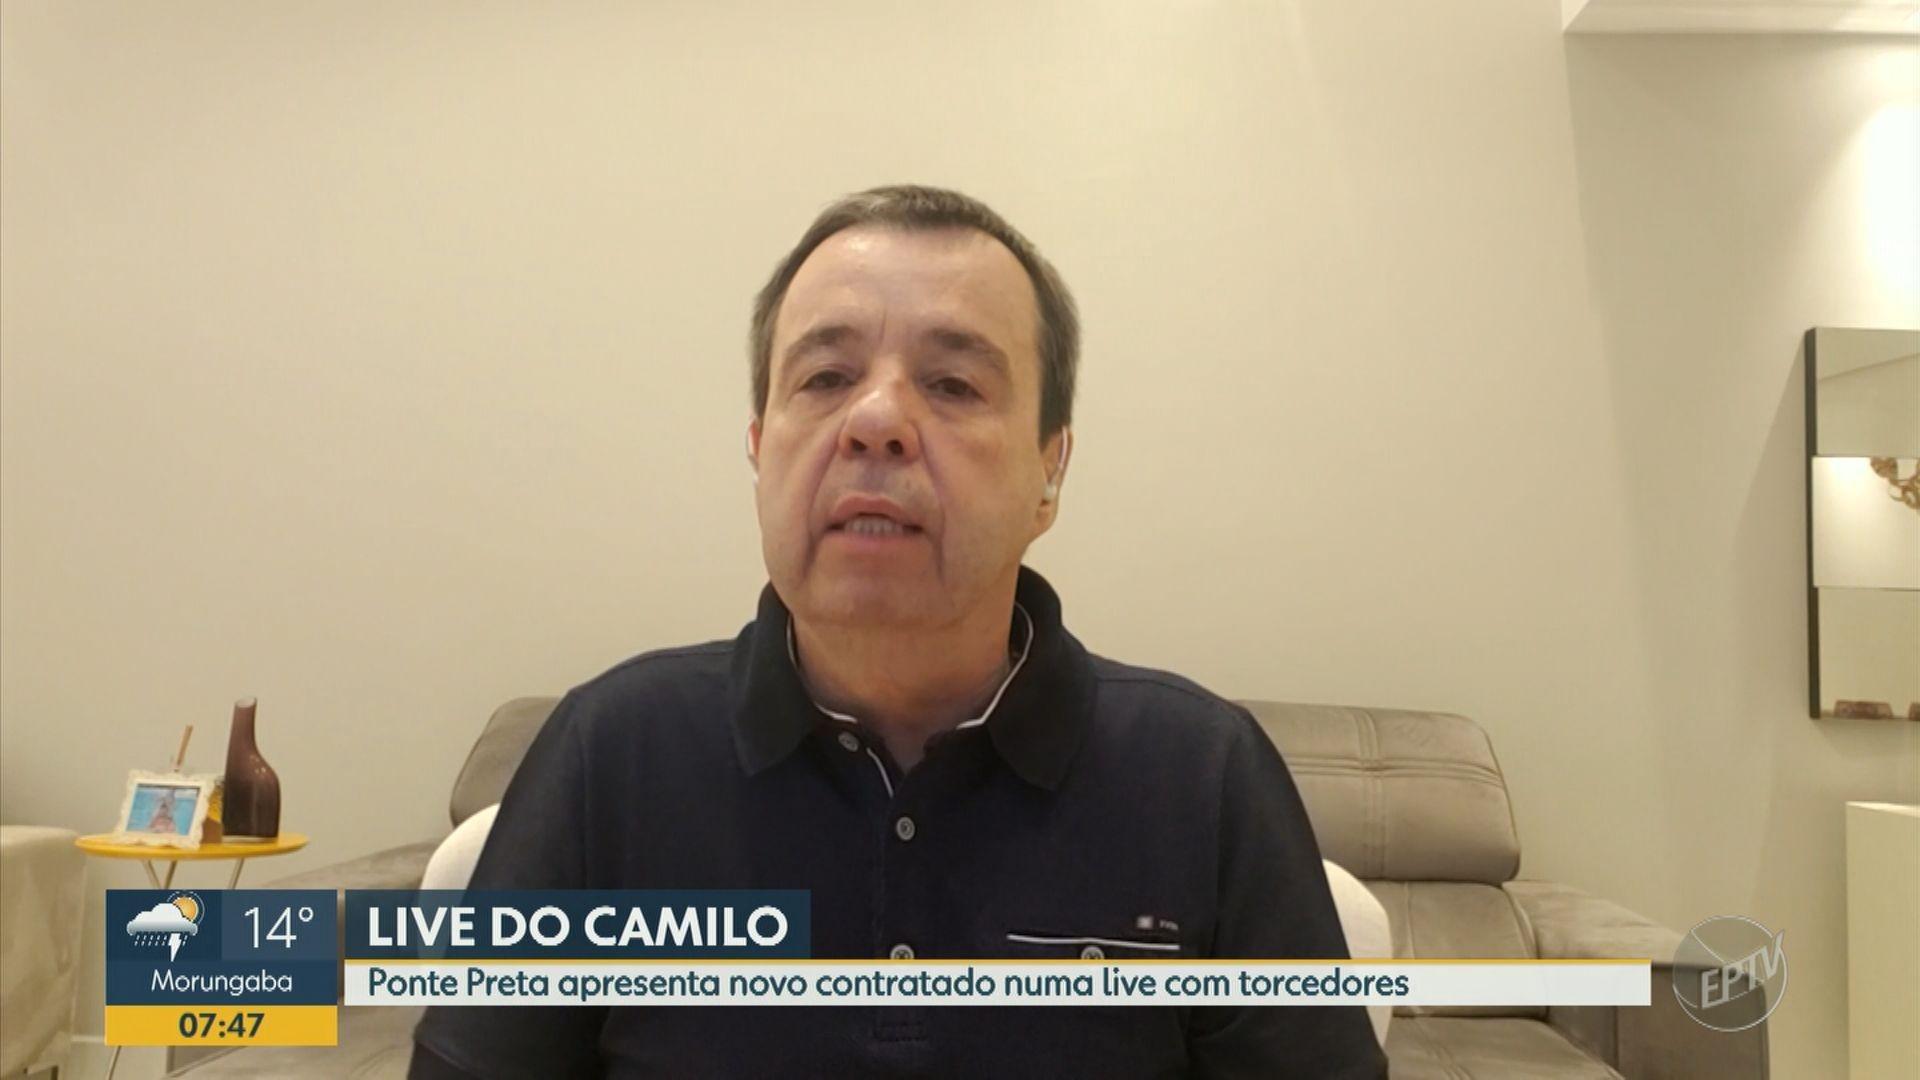 VÍDEOS: Bom Dia Cidade região de Campinas de sexta-feira, 15 de maio